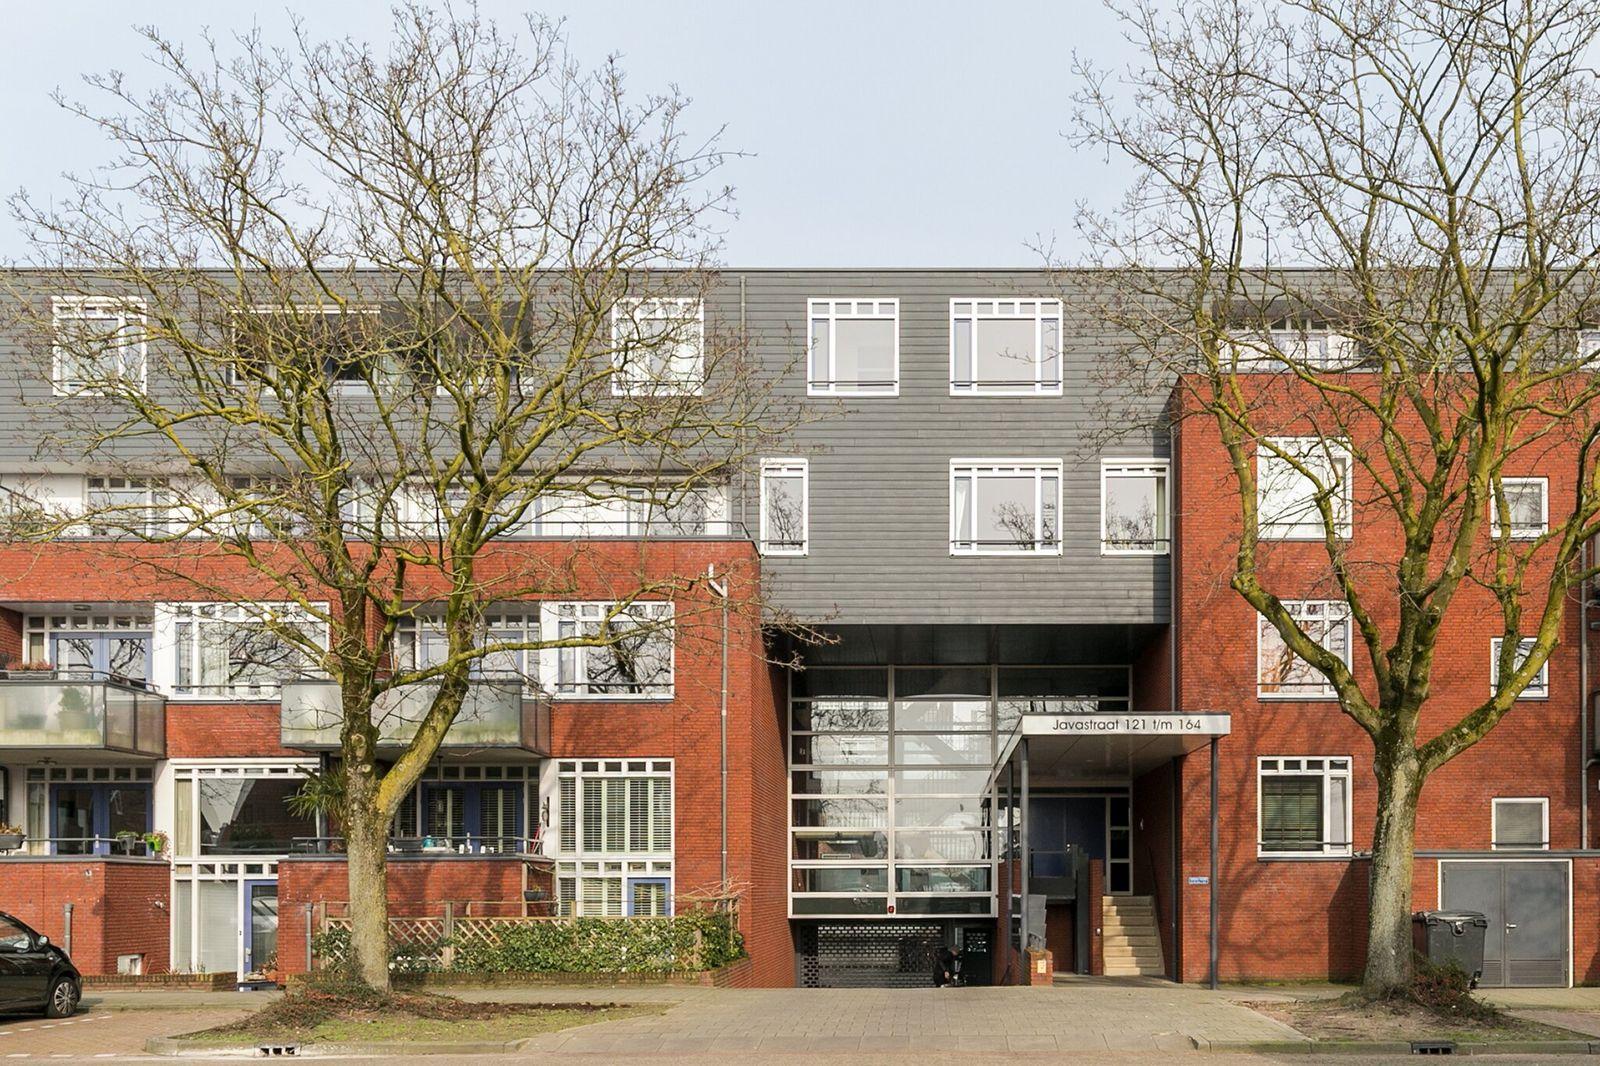 Javastraat 152, 's-hertogenbosch